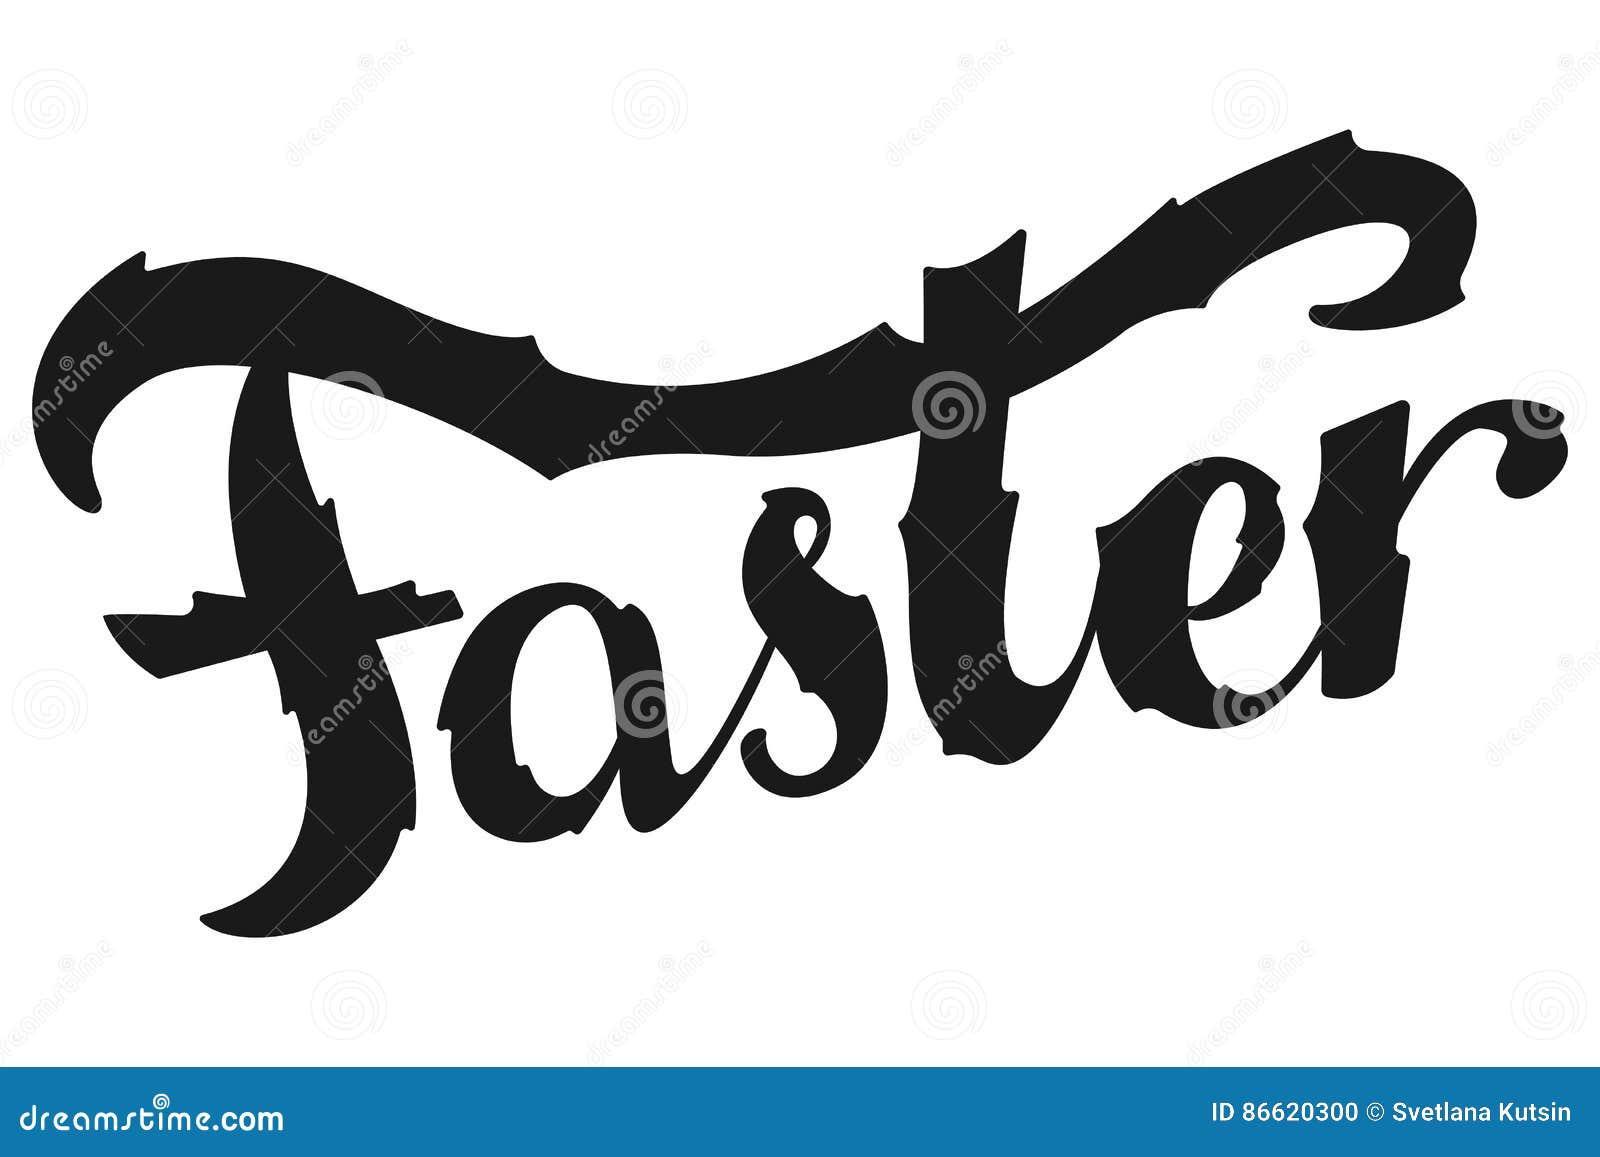 Groter, Sneller, Sterker Het Inspirational sport zeggen Retro Etiket met Kalligrafische Elementen